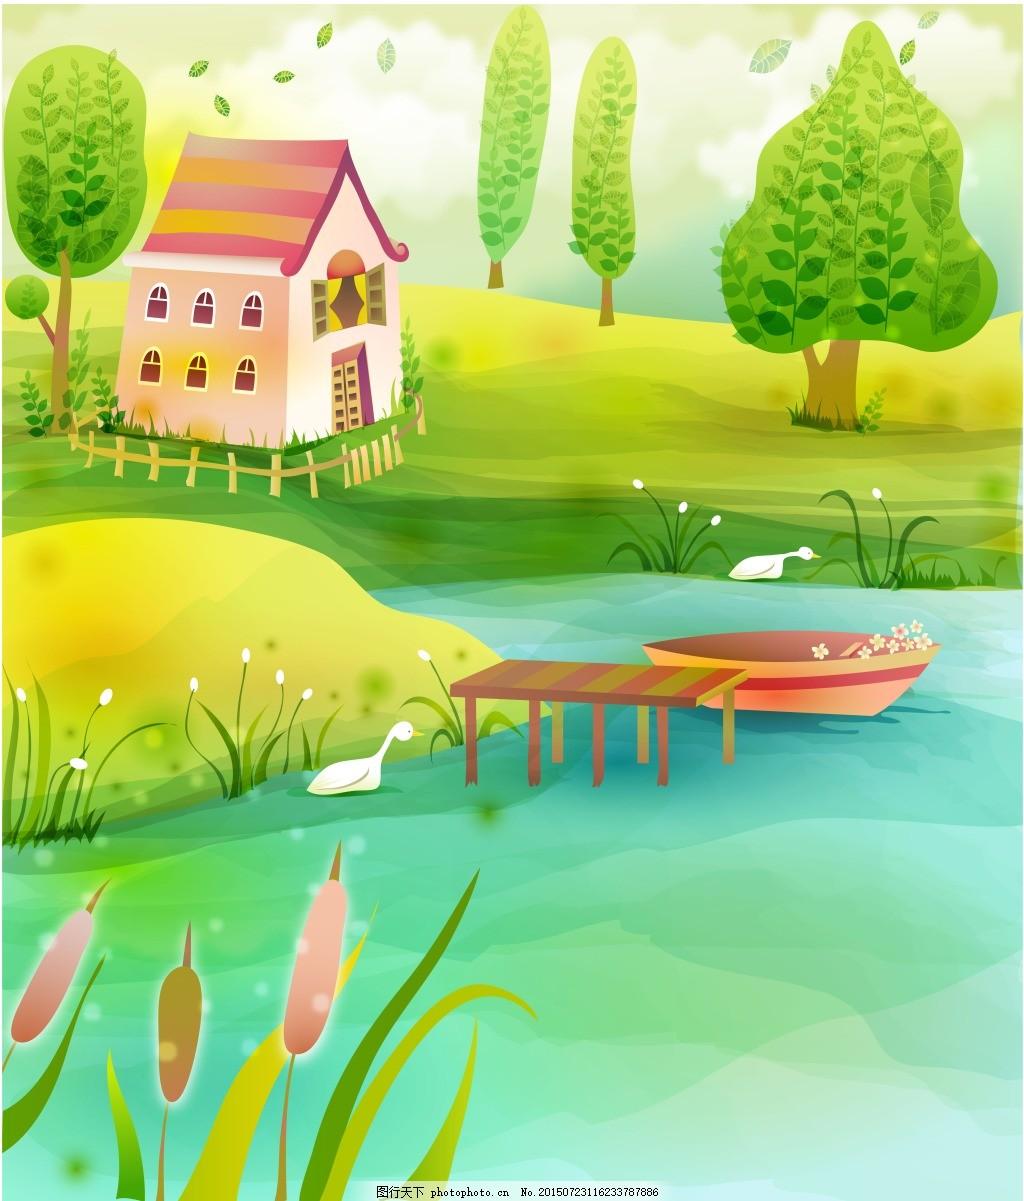 河边小房子 卡通画 可爱图片 小河     绿色 jpg